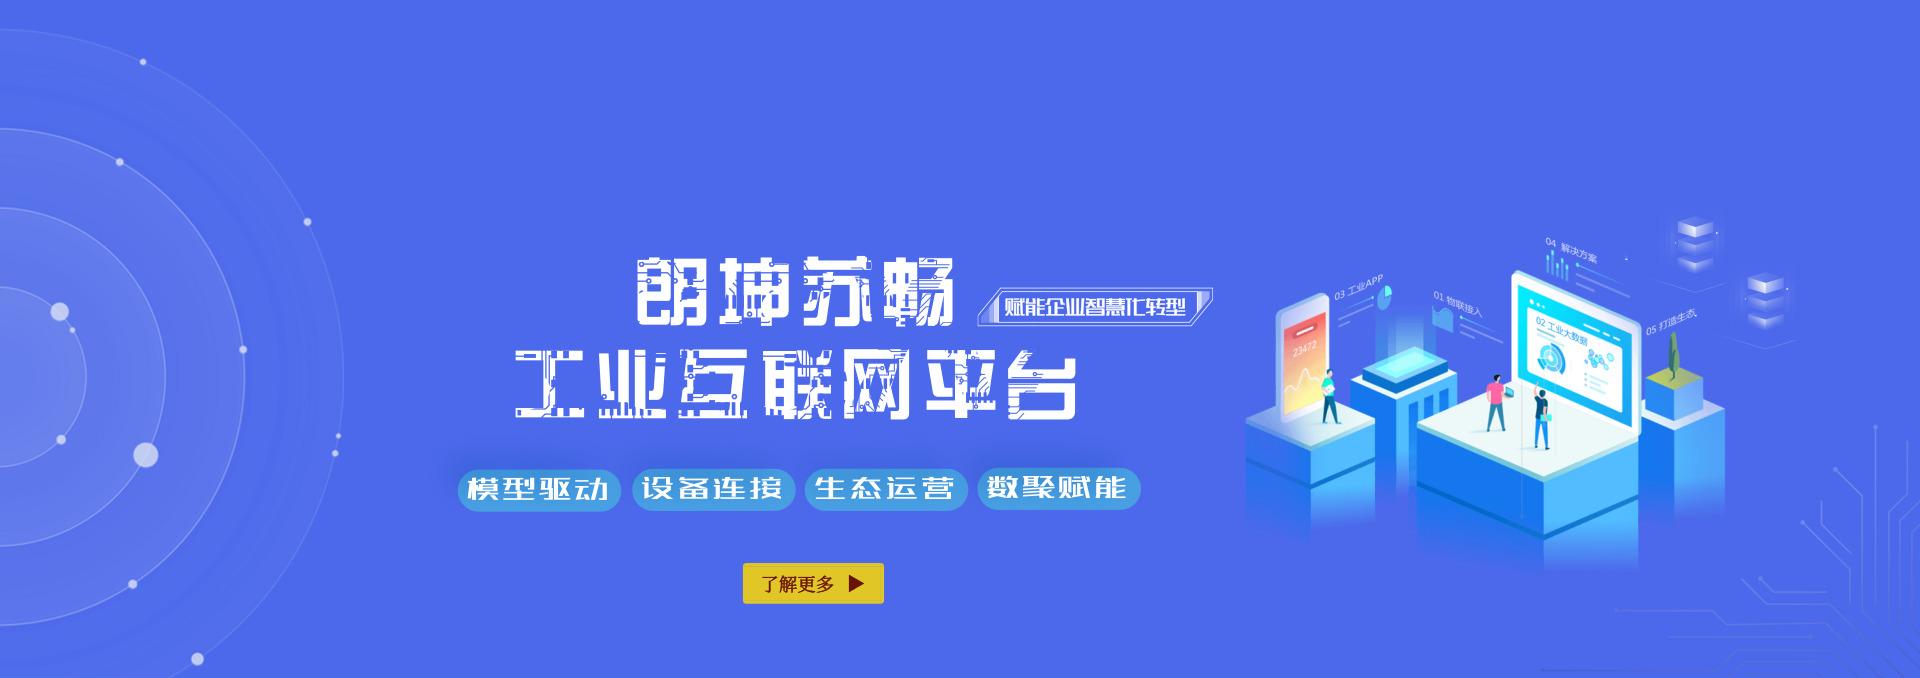 朗坤苏畅工业互联网平台